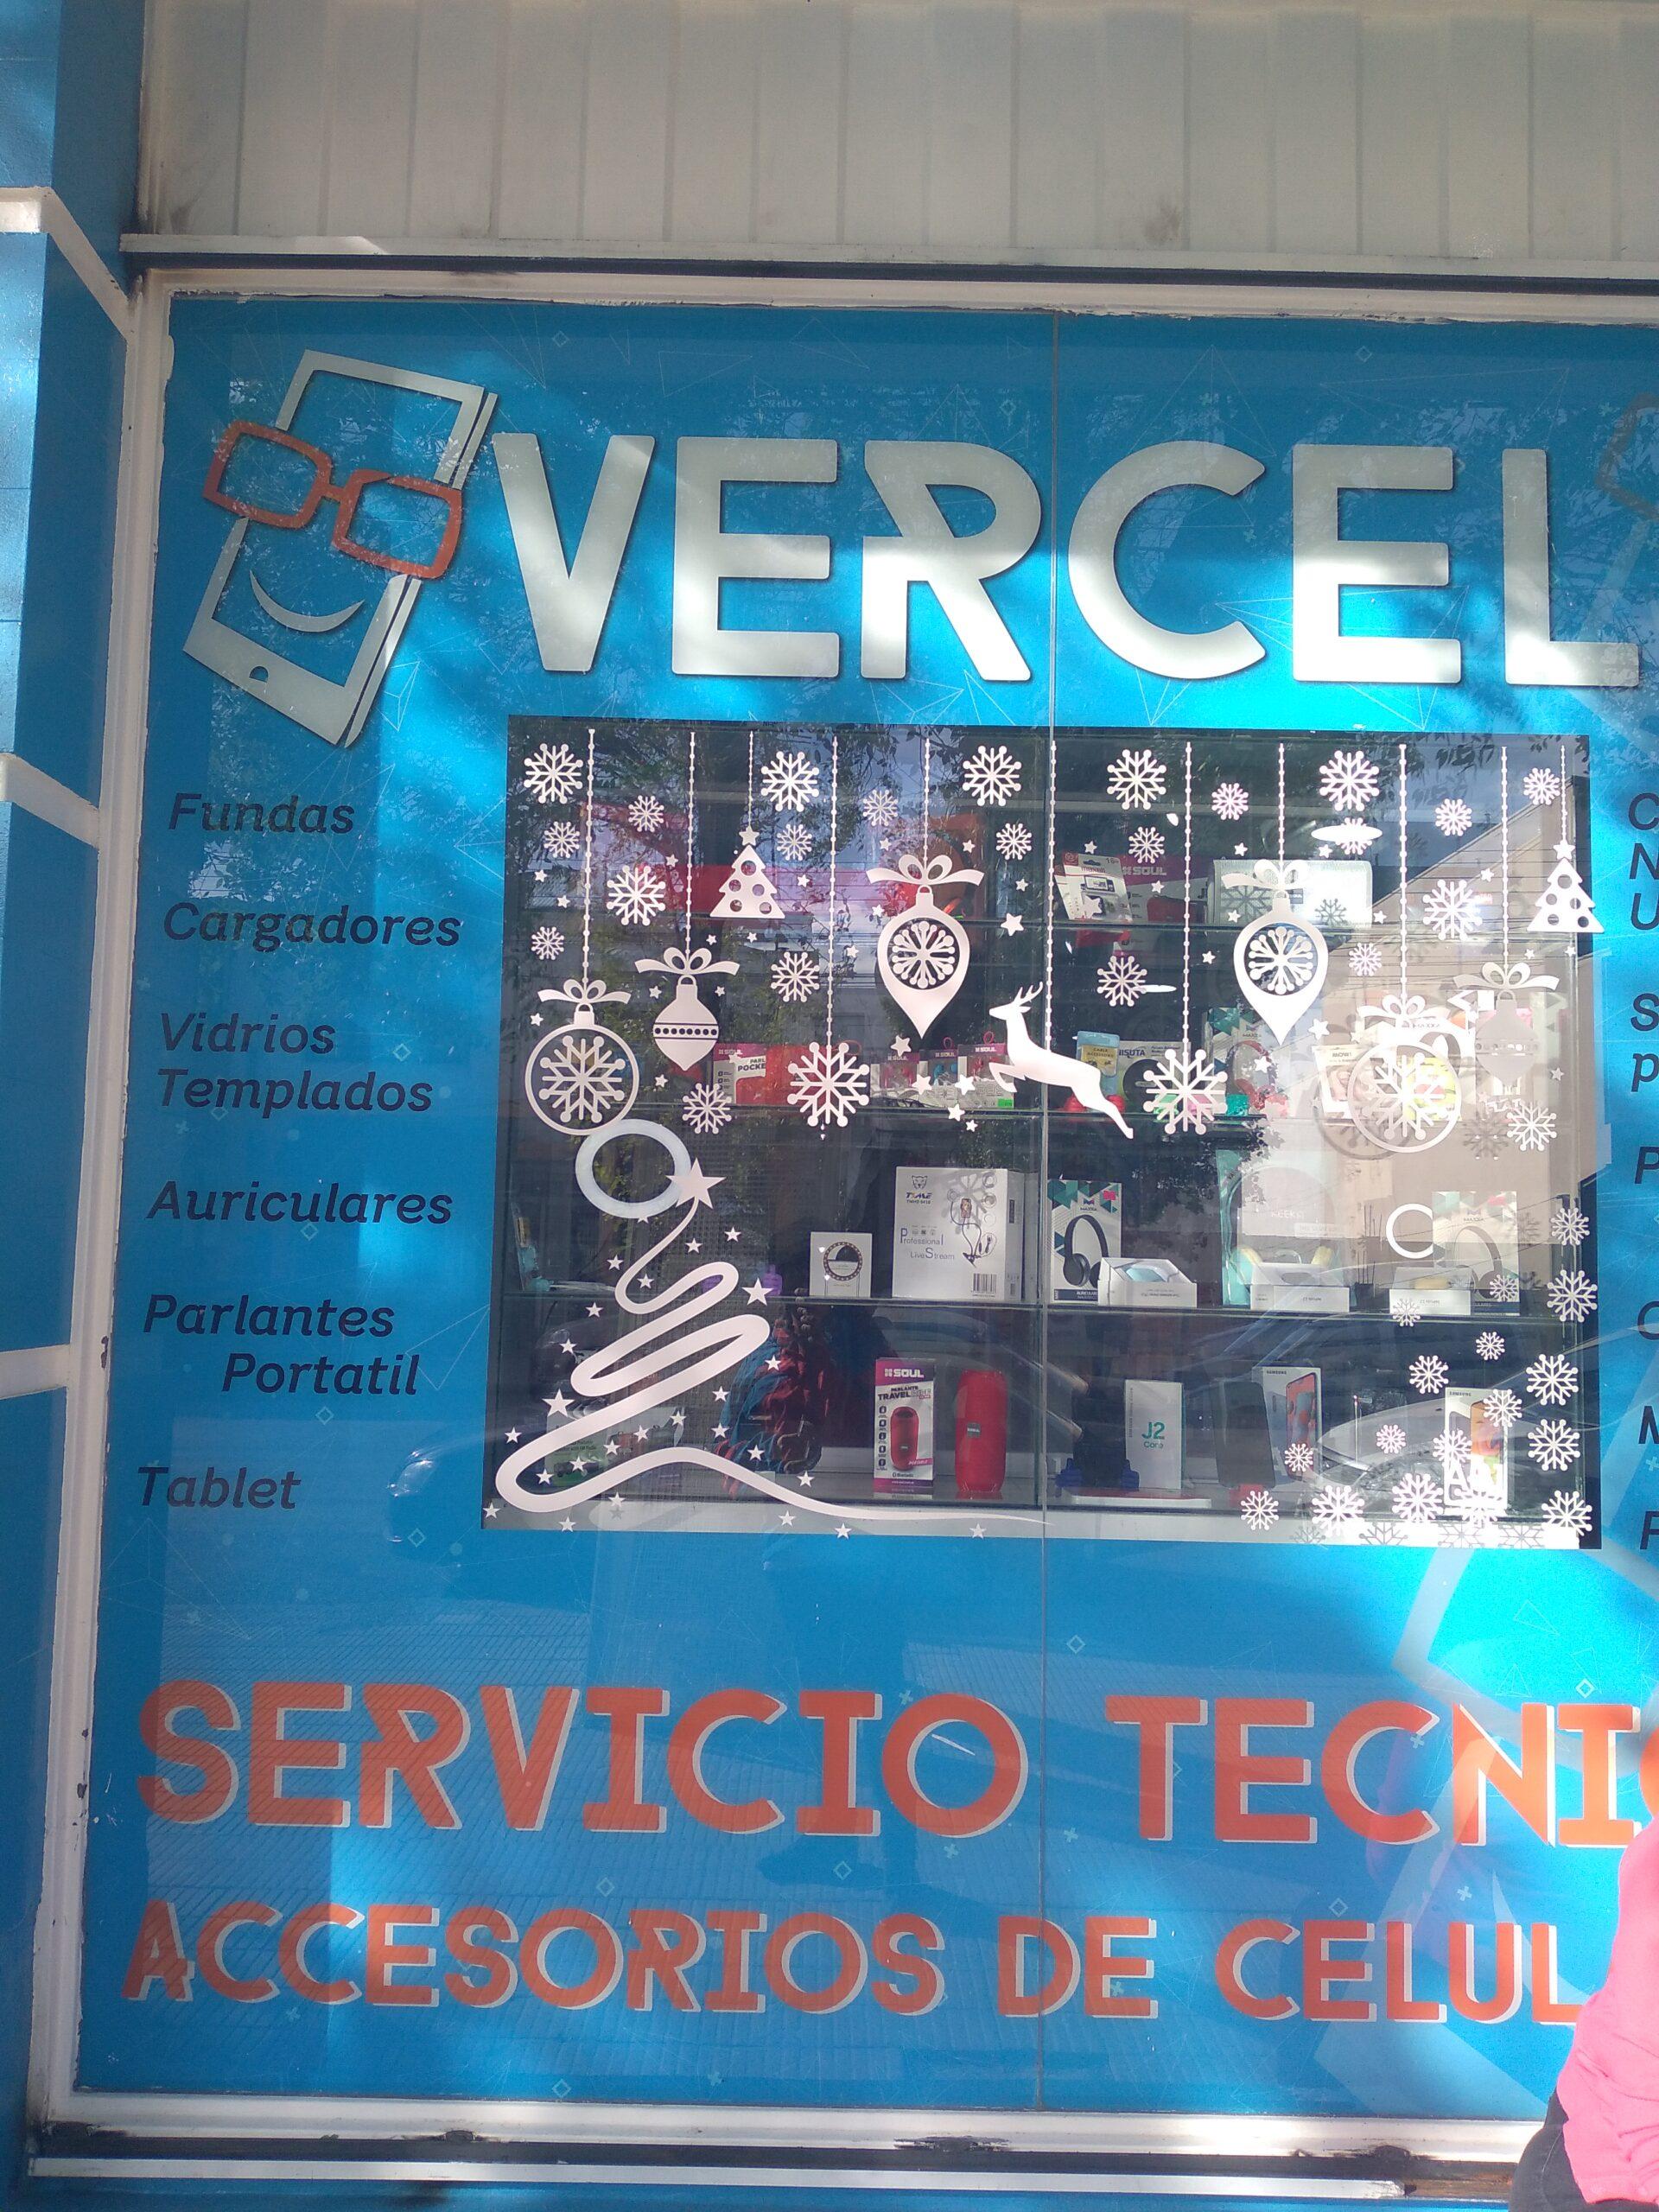 VerCell